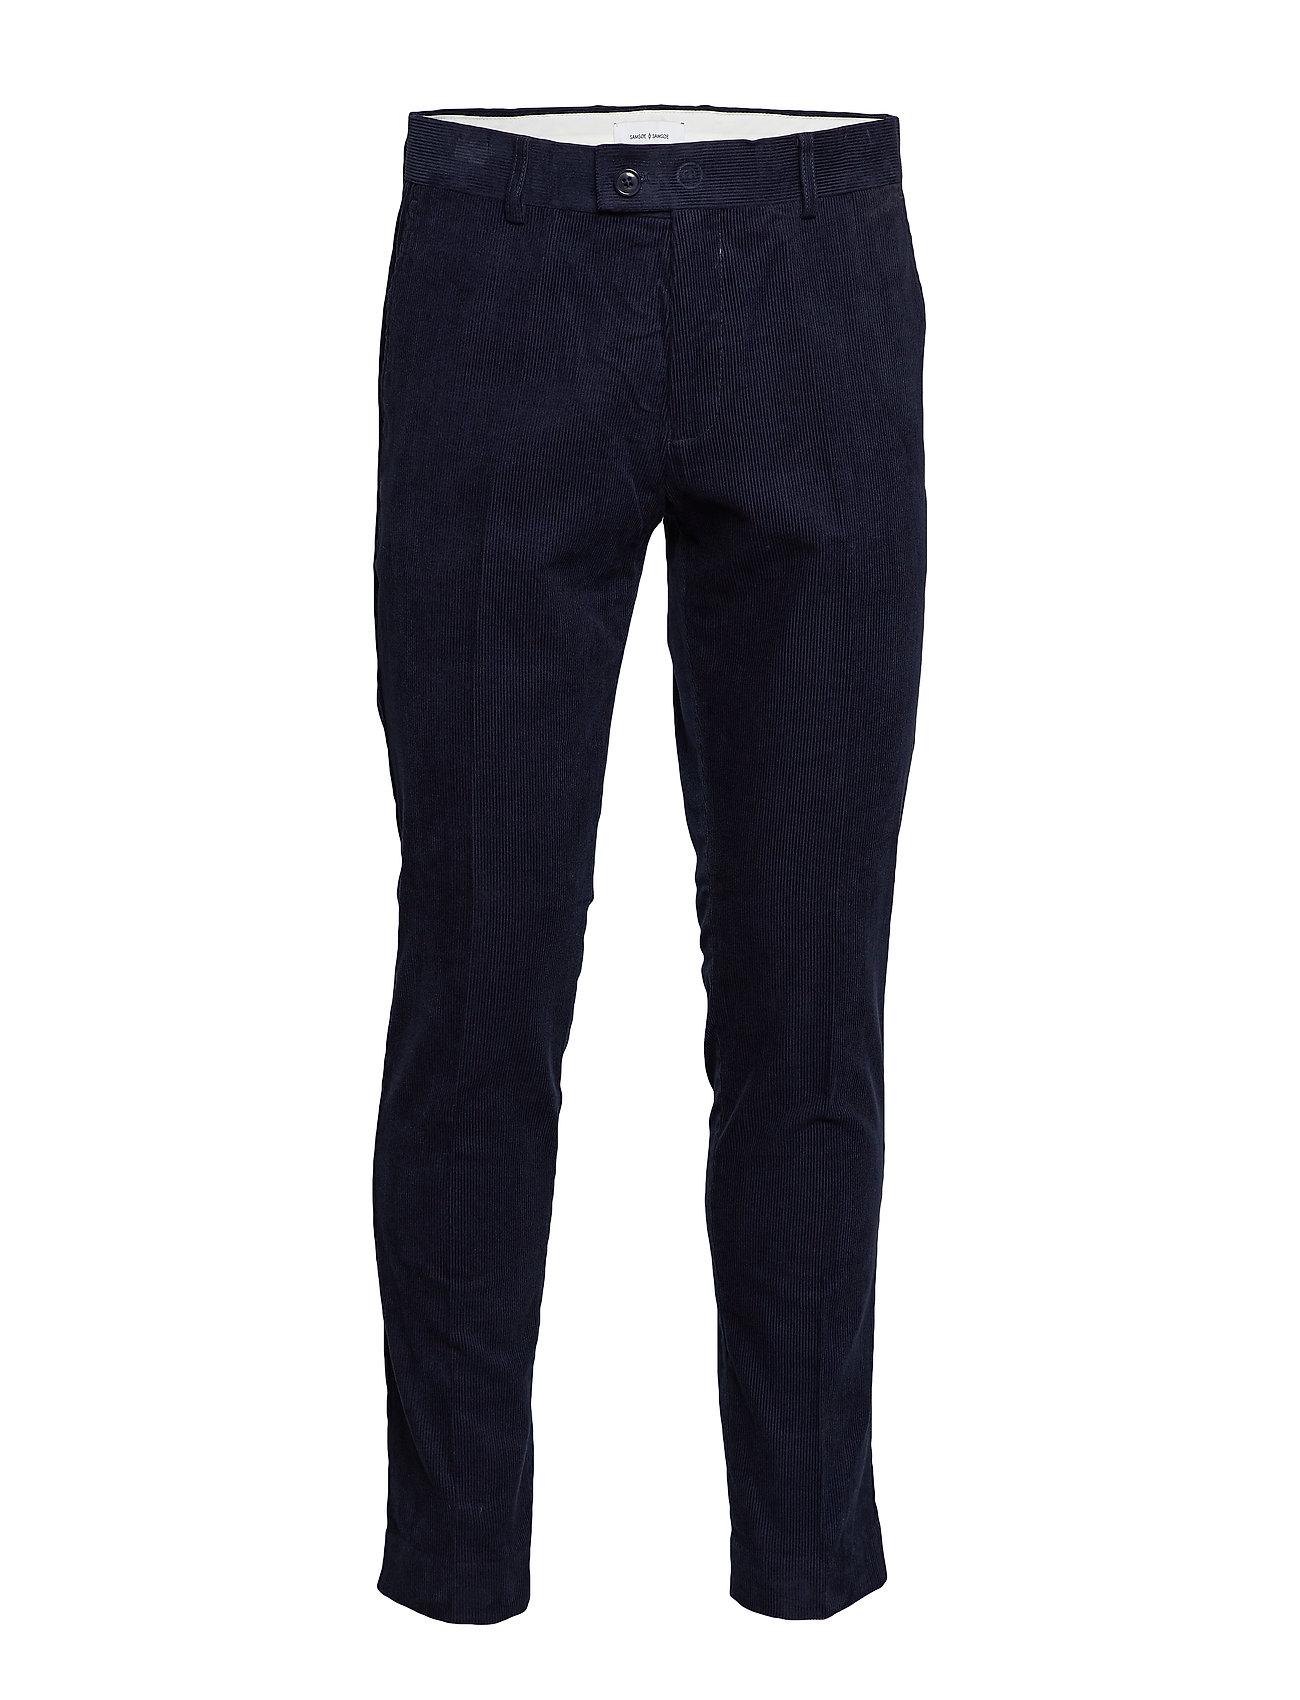 Samsøe & Samsøe Laurent trousers 10631 - NIGHT SKY